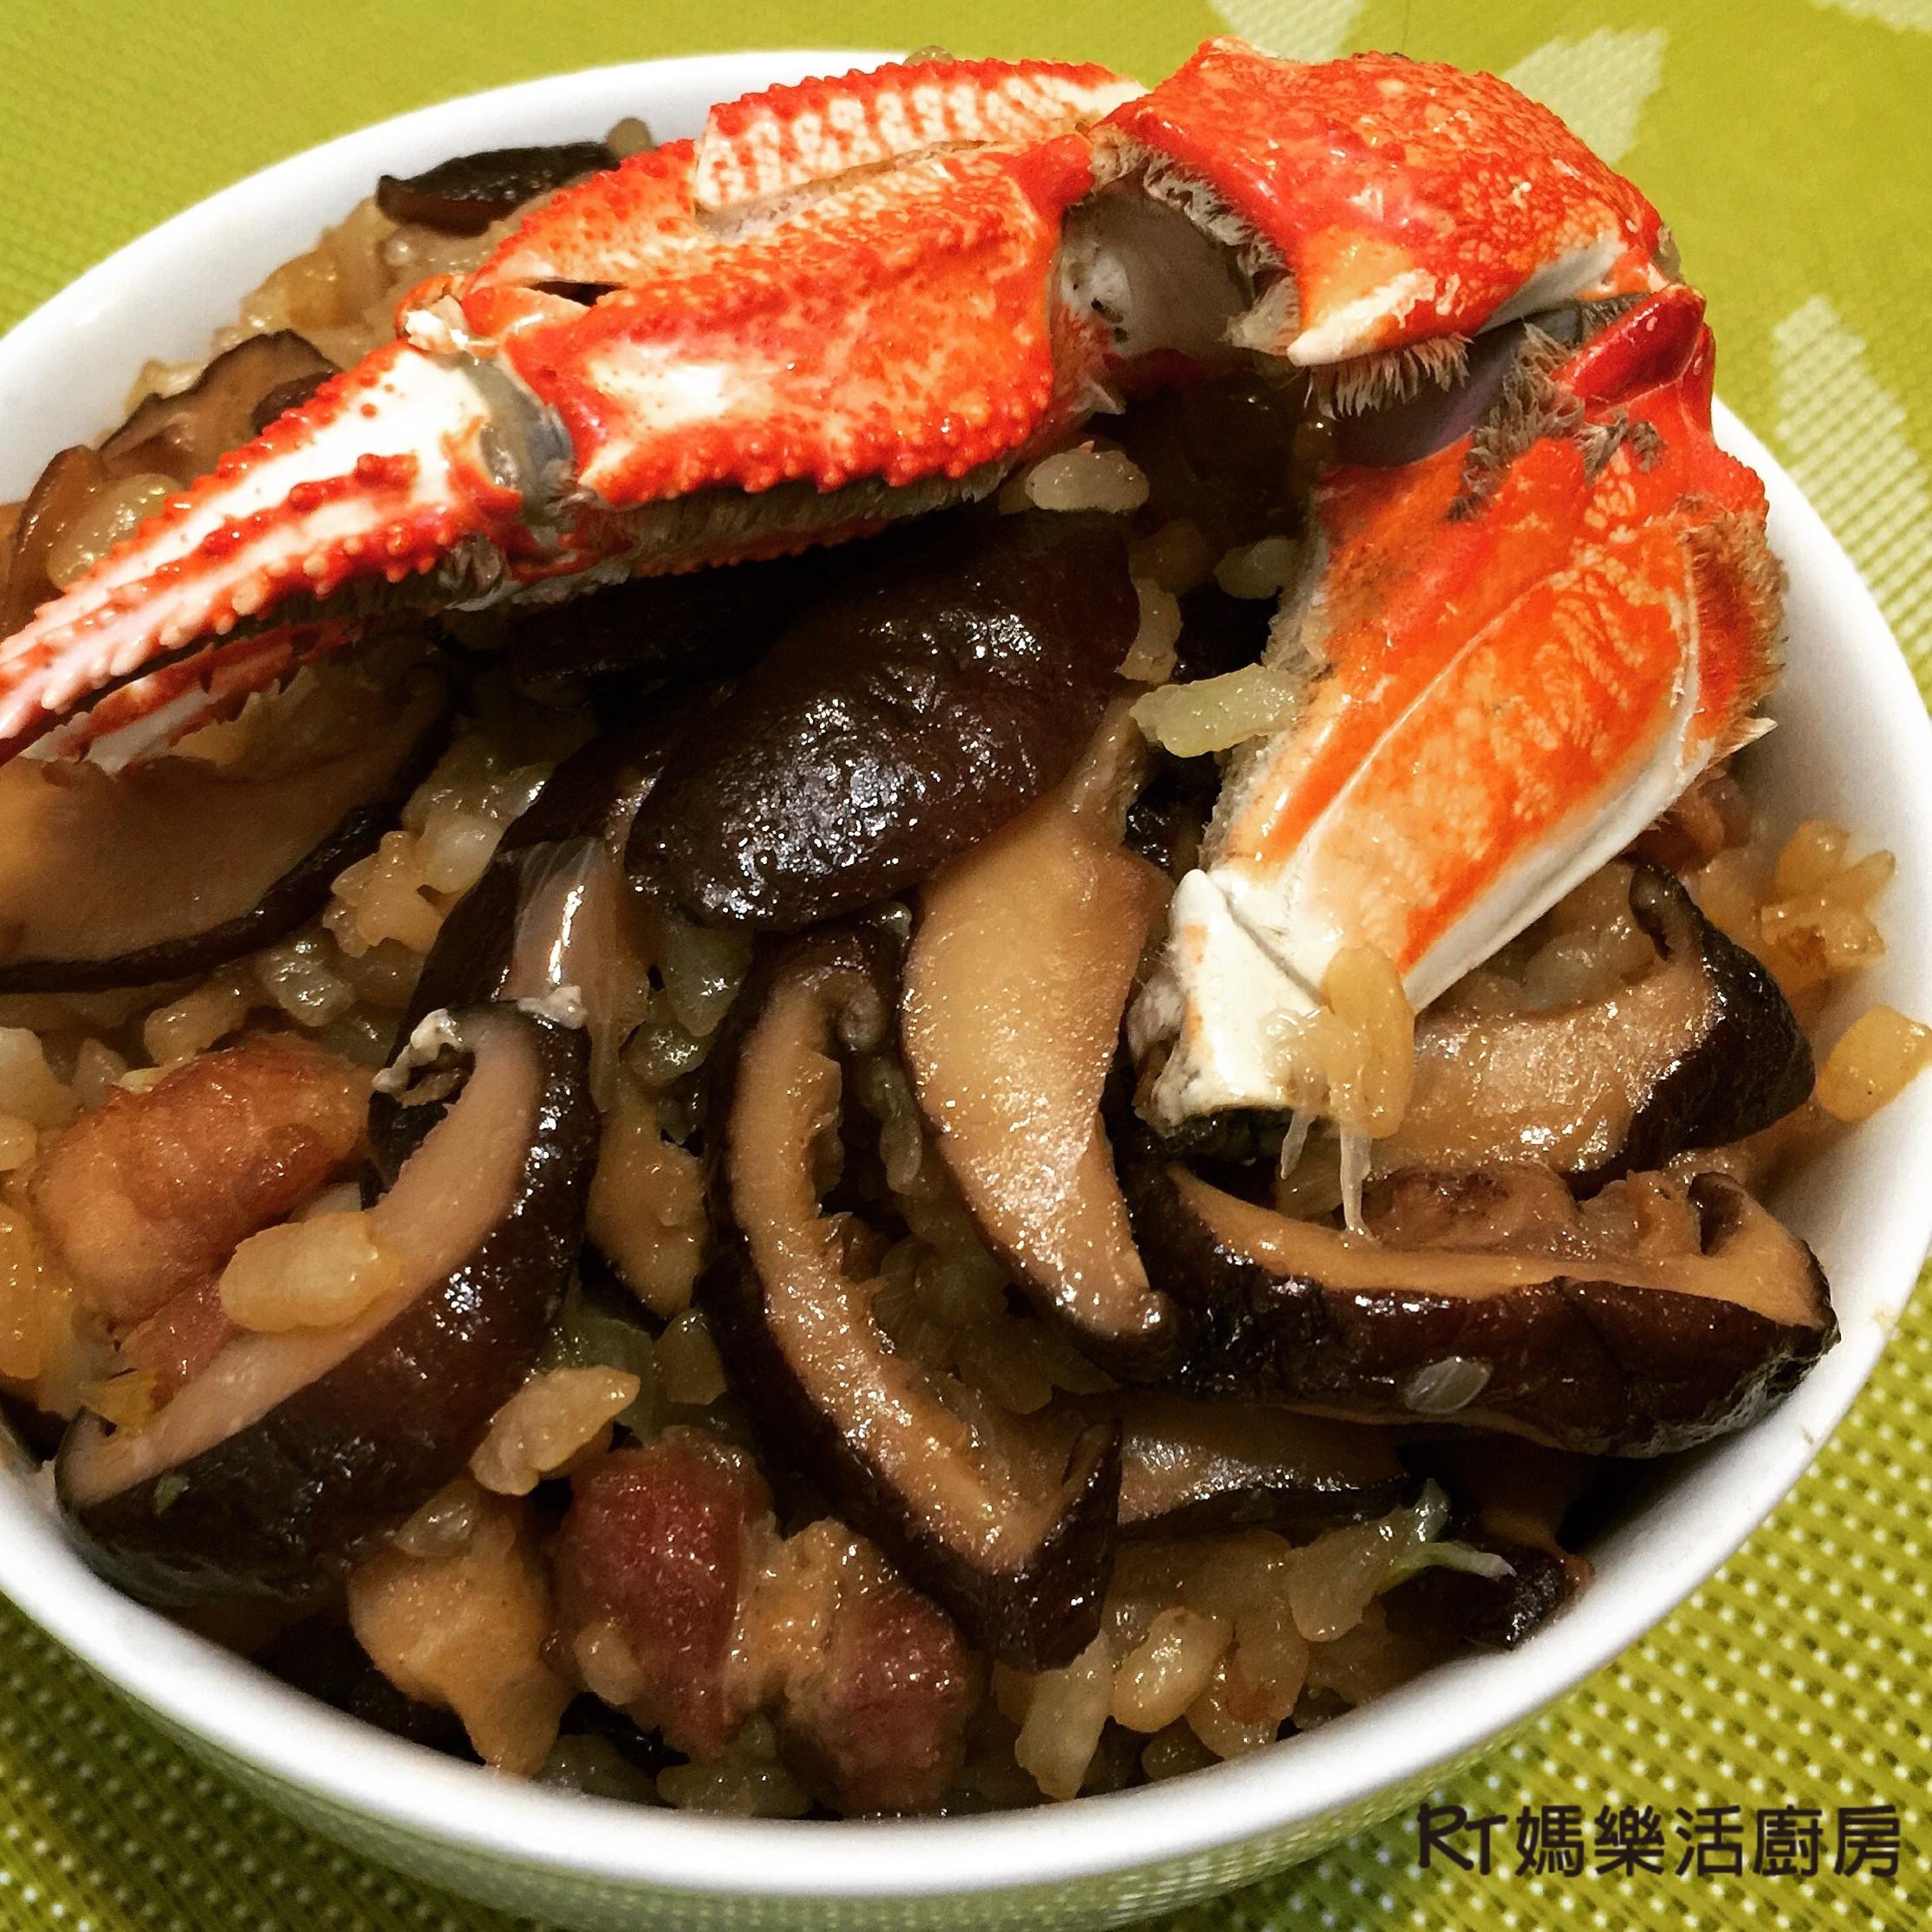 電鍋做的白米香菇油飯~ @RT媽樂活廚房